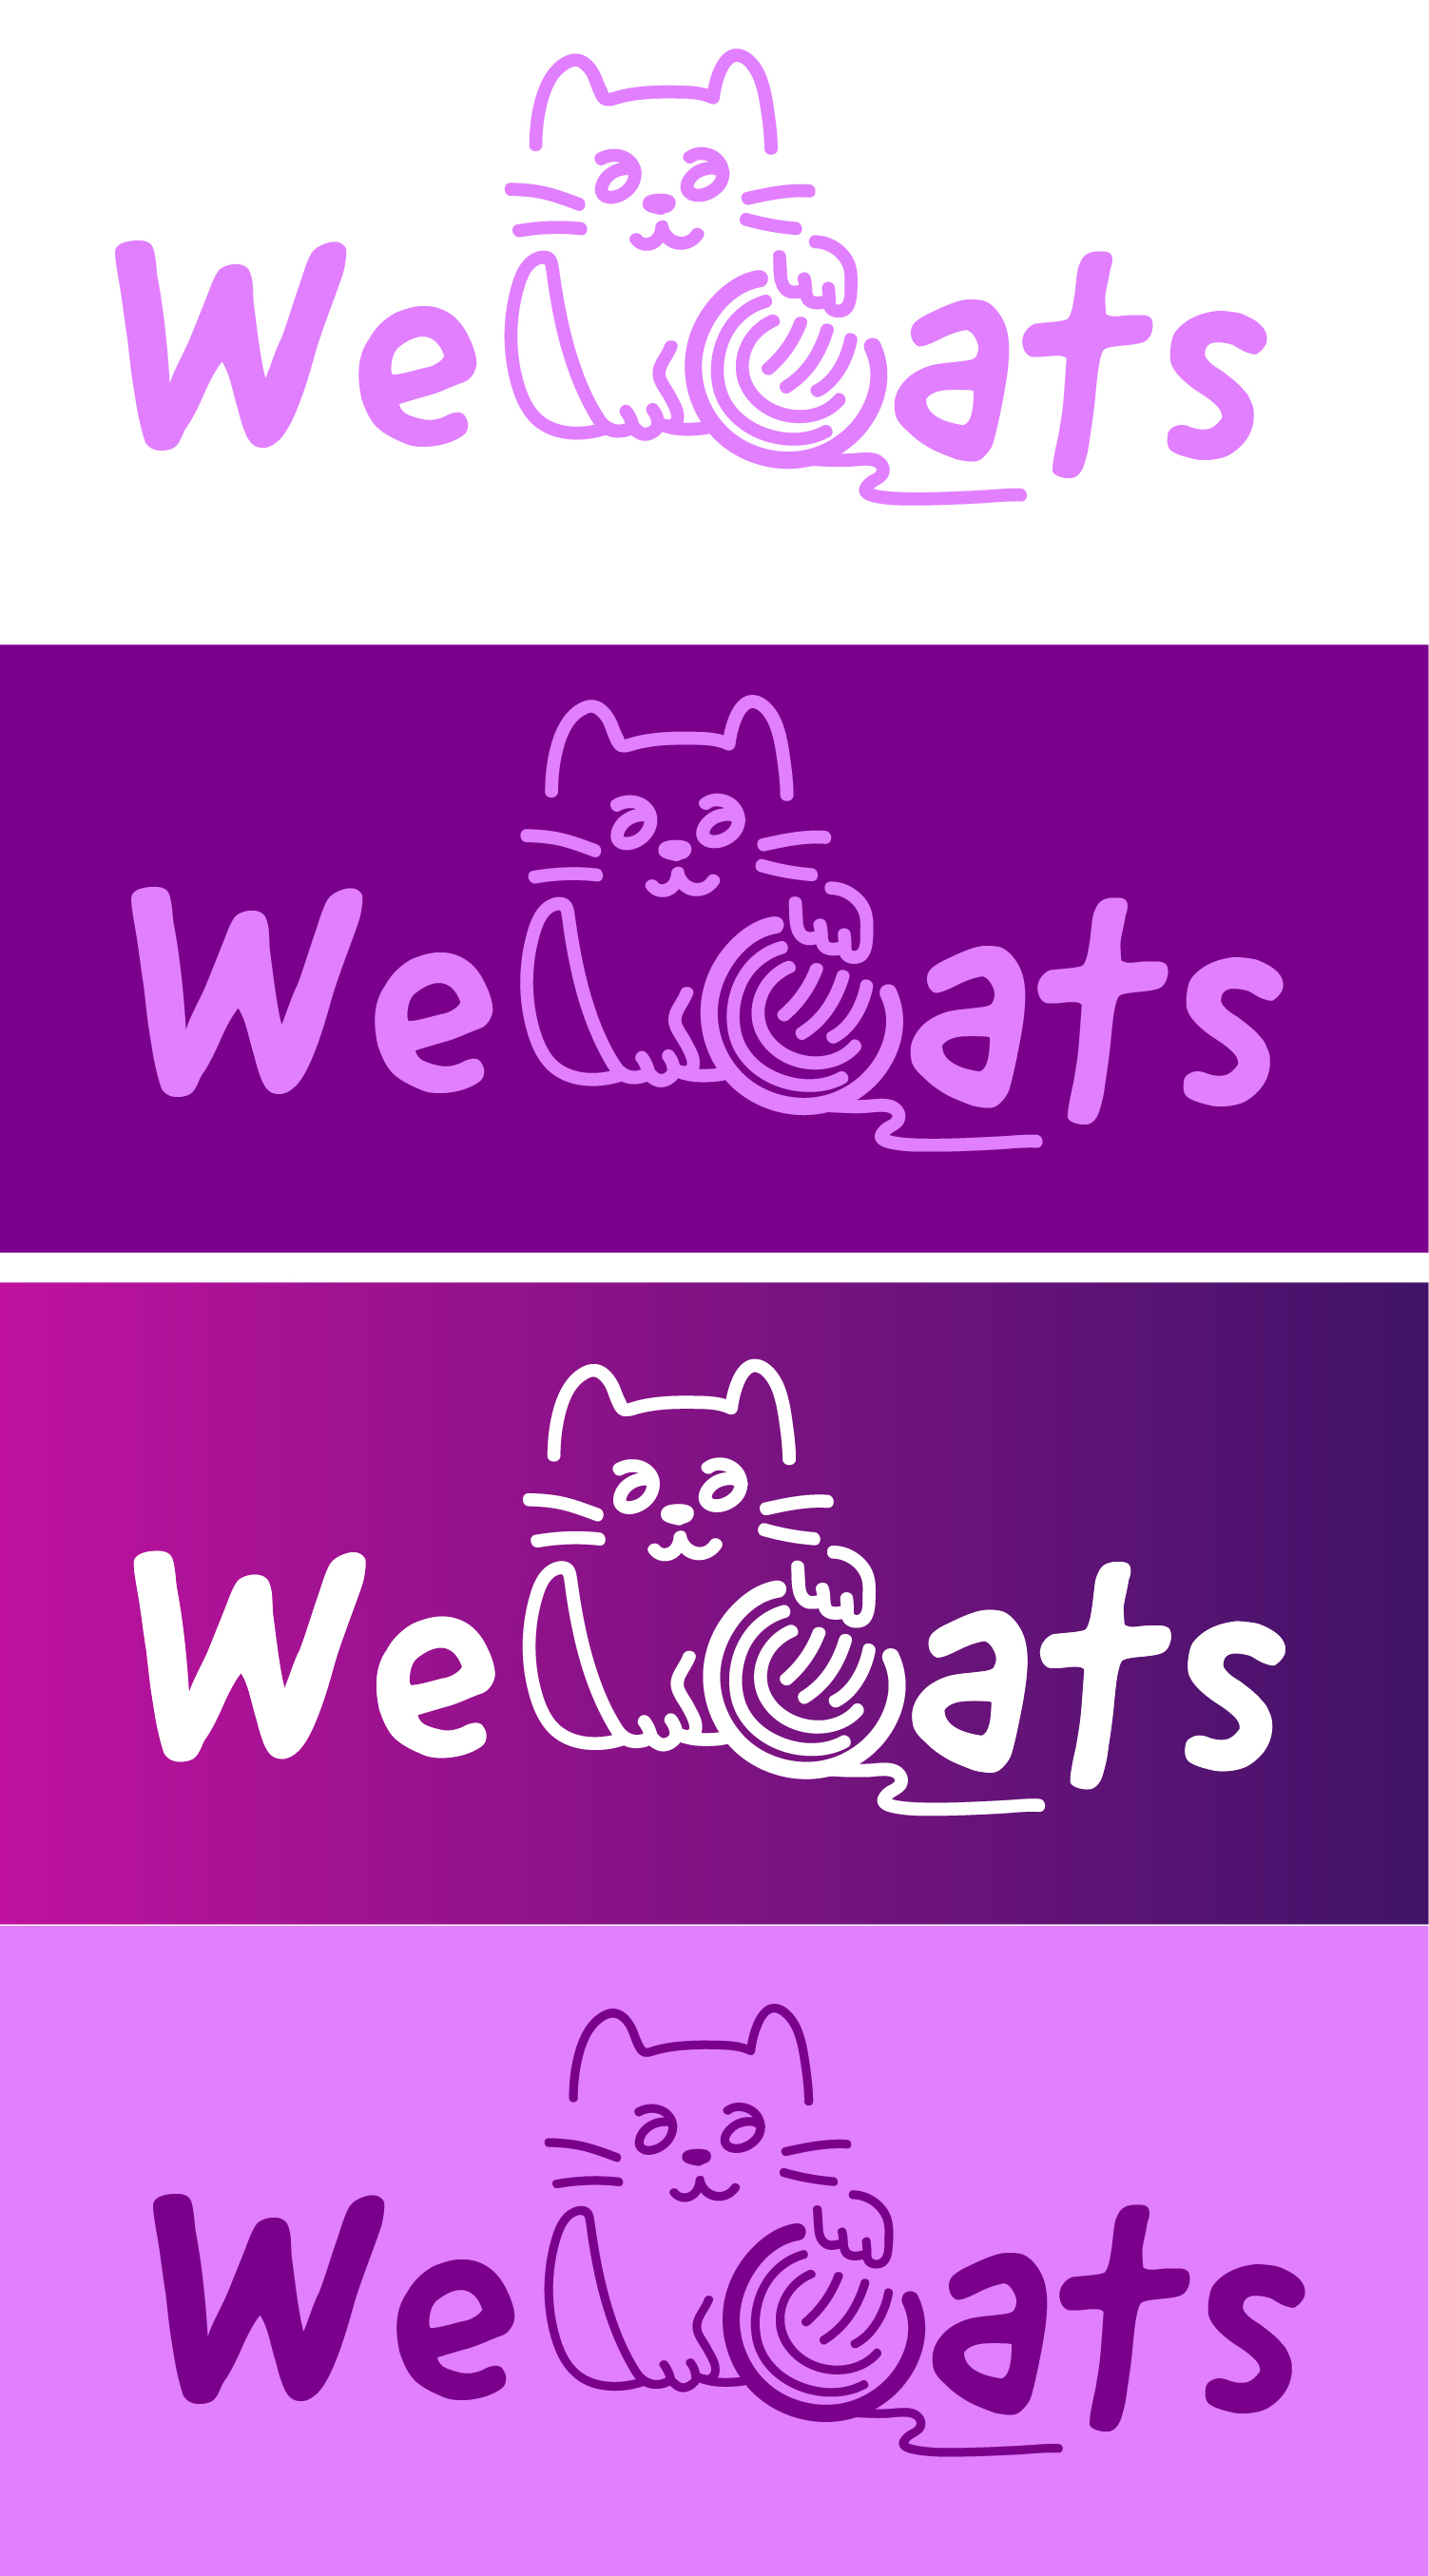 Создание логотипа WeCats фото f_9115f1b3961ea115.jpg